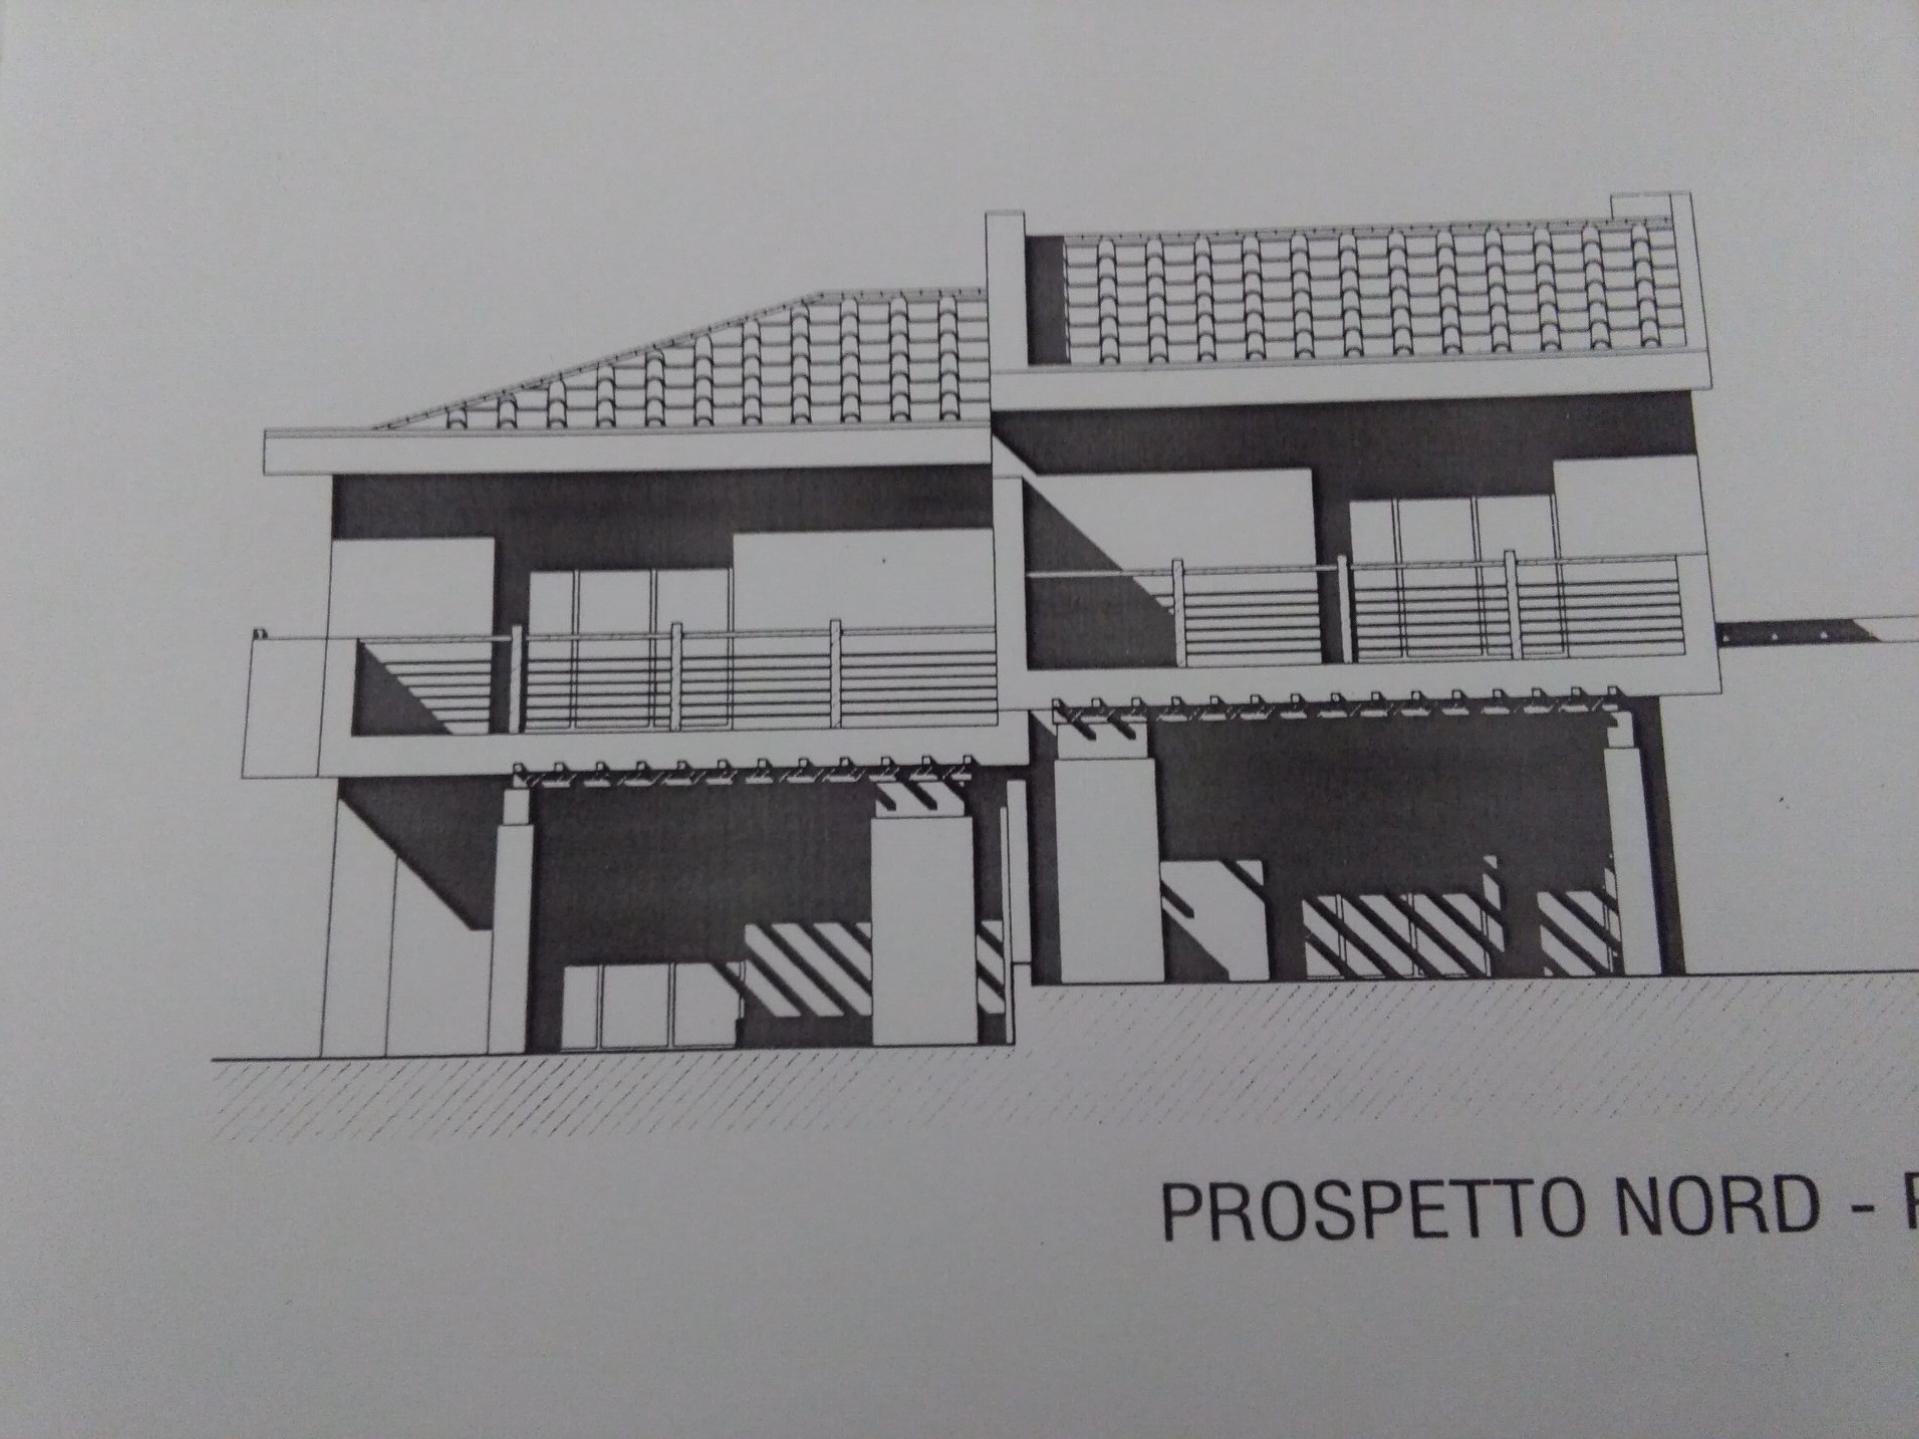 Terreno edif. residenziale in vendita a Castelfiorentino (FI)